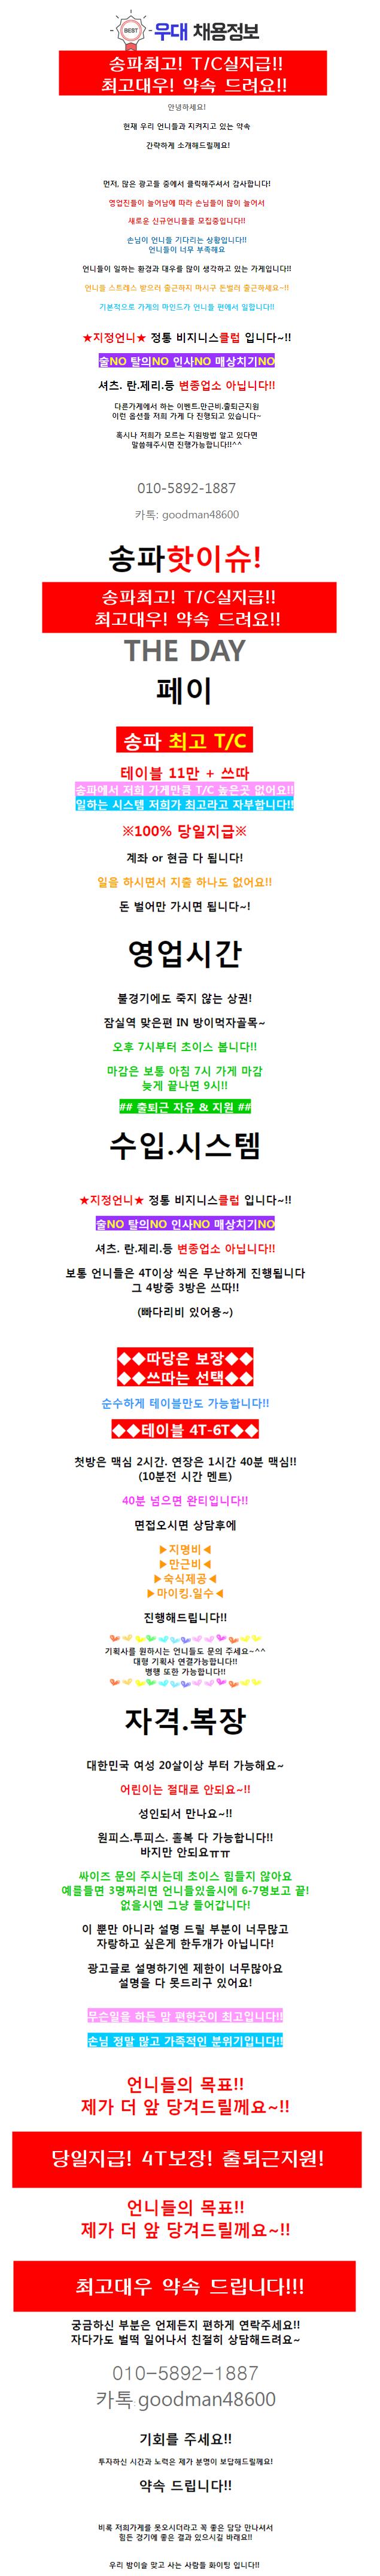 송파노래방알바.png